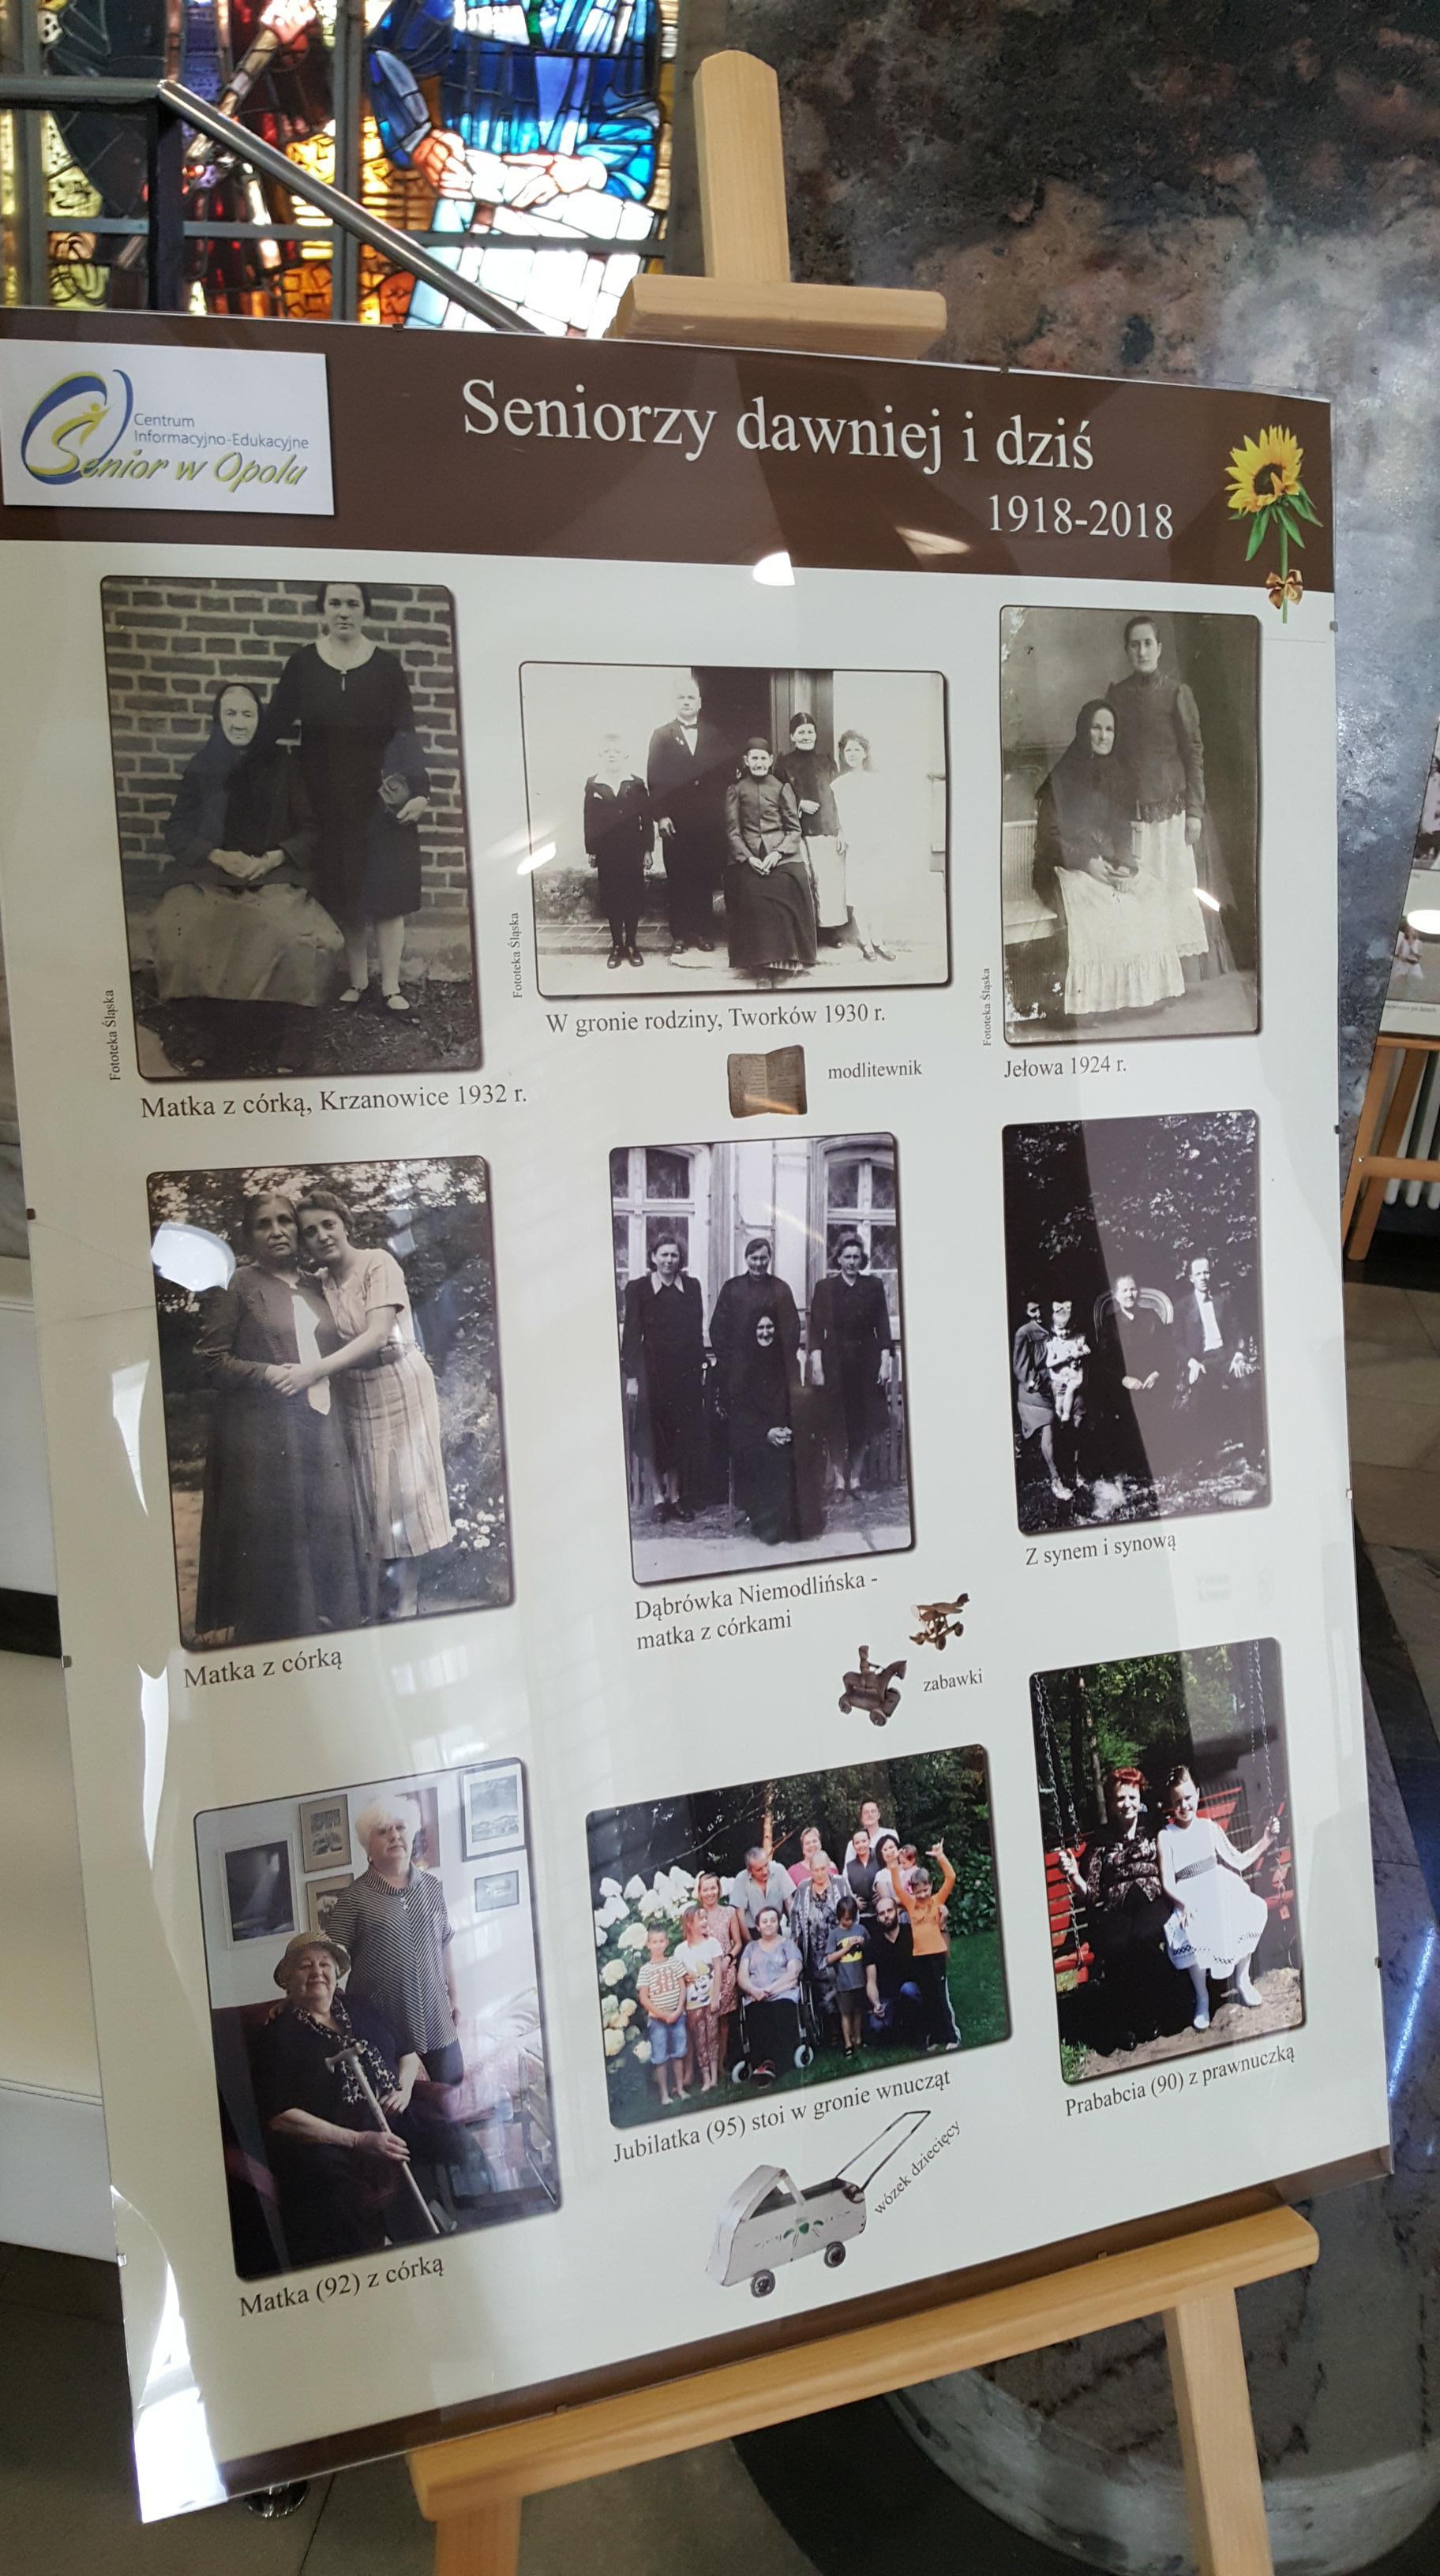 """Fotografie stworzone na przestrzeni stu lat zebrane w jednym miejsc. Wystawa """"Seniorzy dawniej i dziś"""" w opolskim ratuszu [fot. Daria Placek]"""